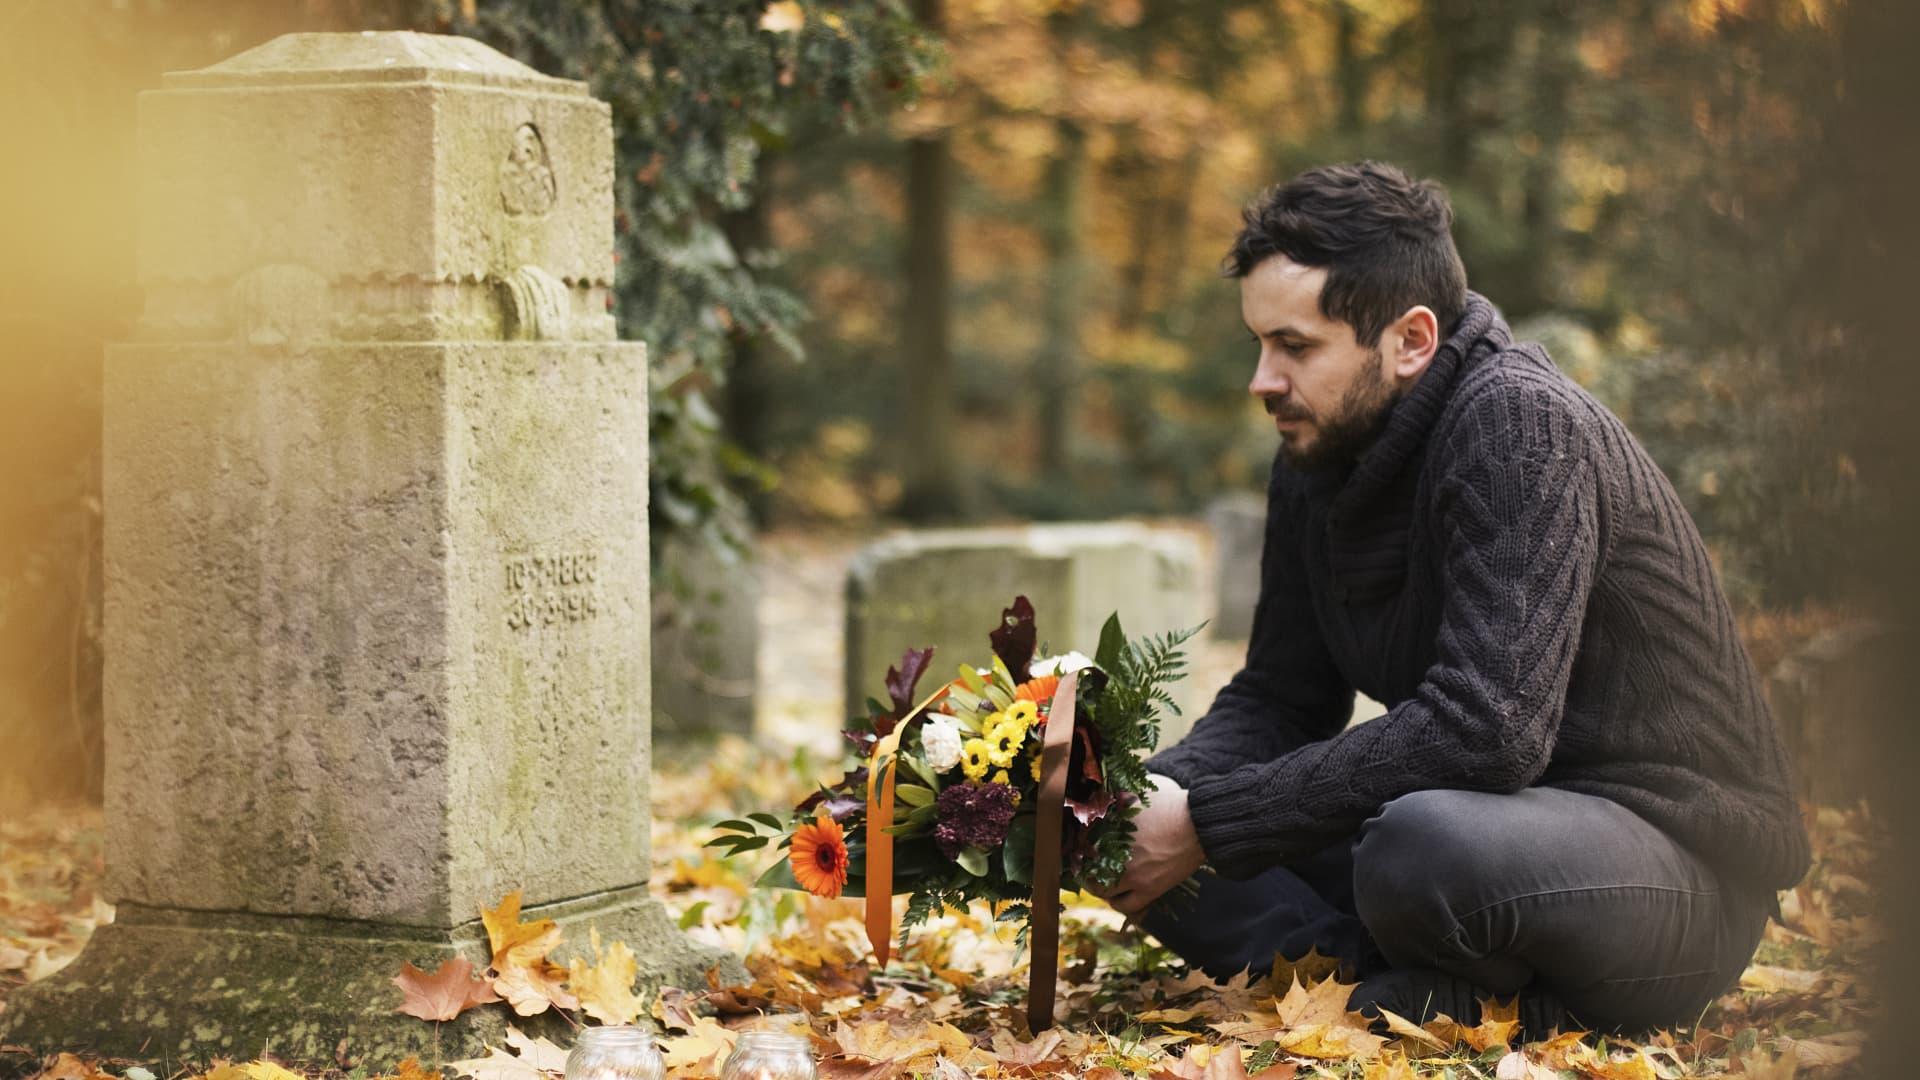 Депрессия после потери супруга связана с воспалительными процессами в организме